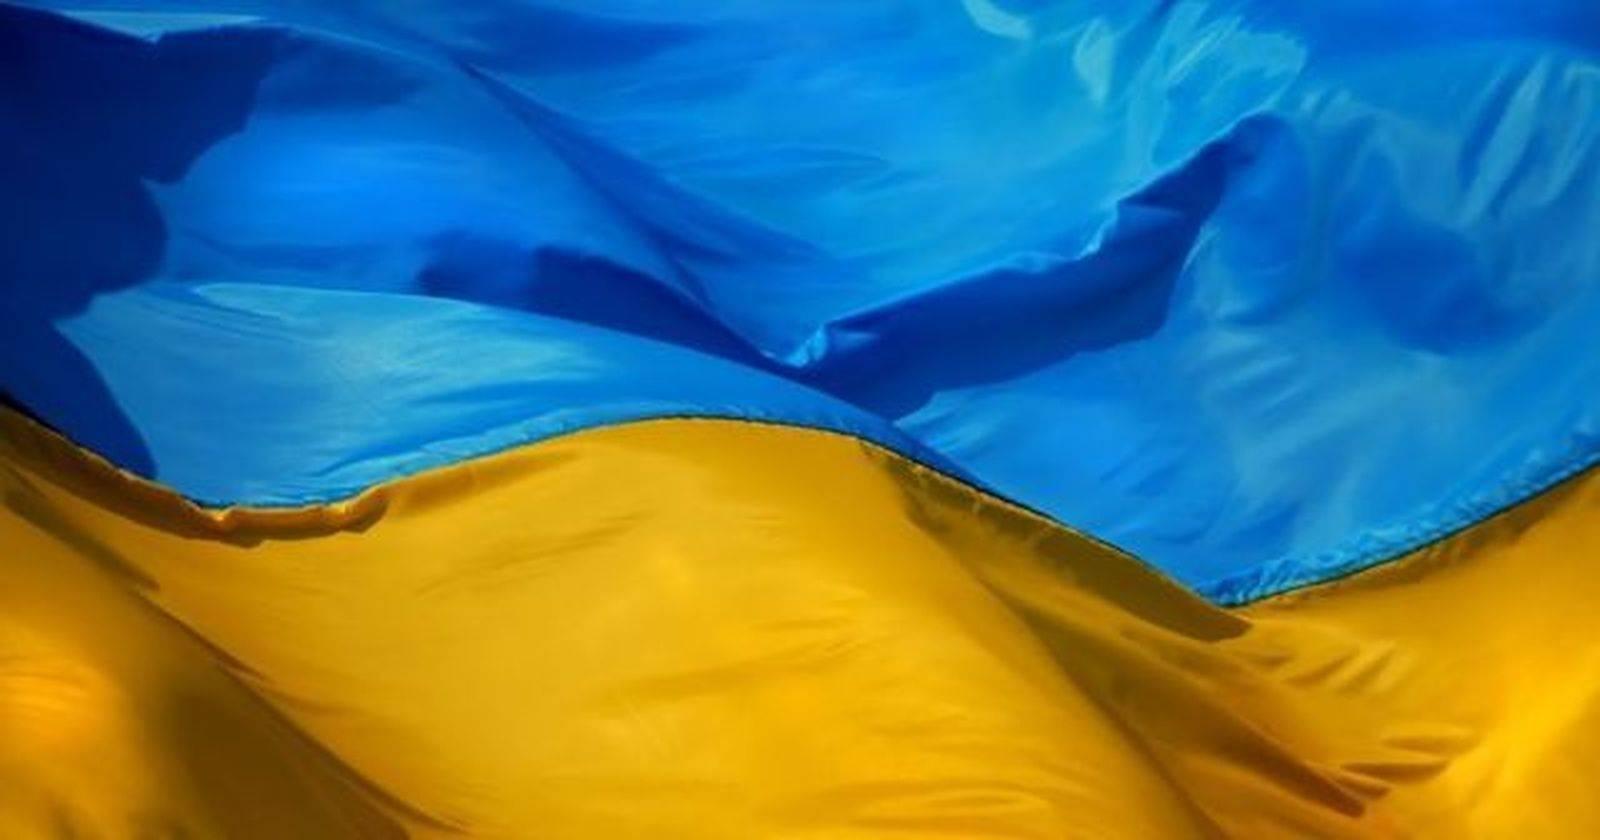 Офіційно щодо Саакашвілі!: Президентом України видано указ про втрату громадянства України